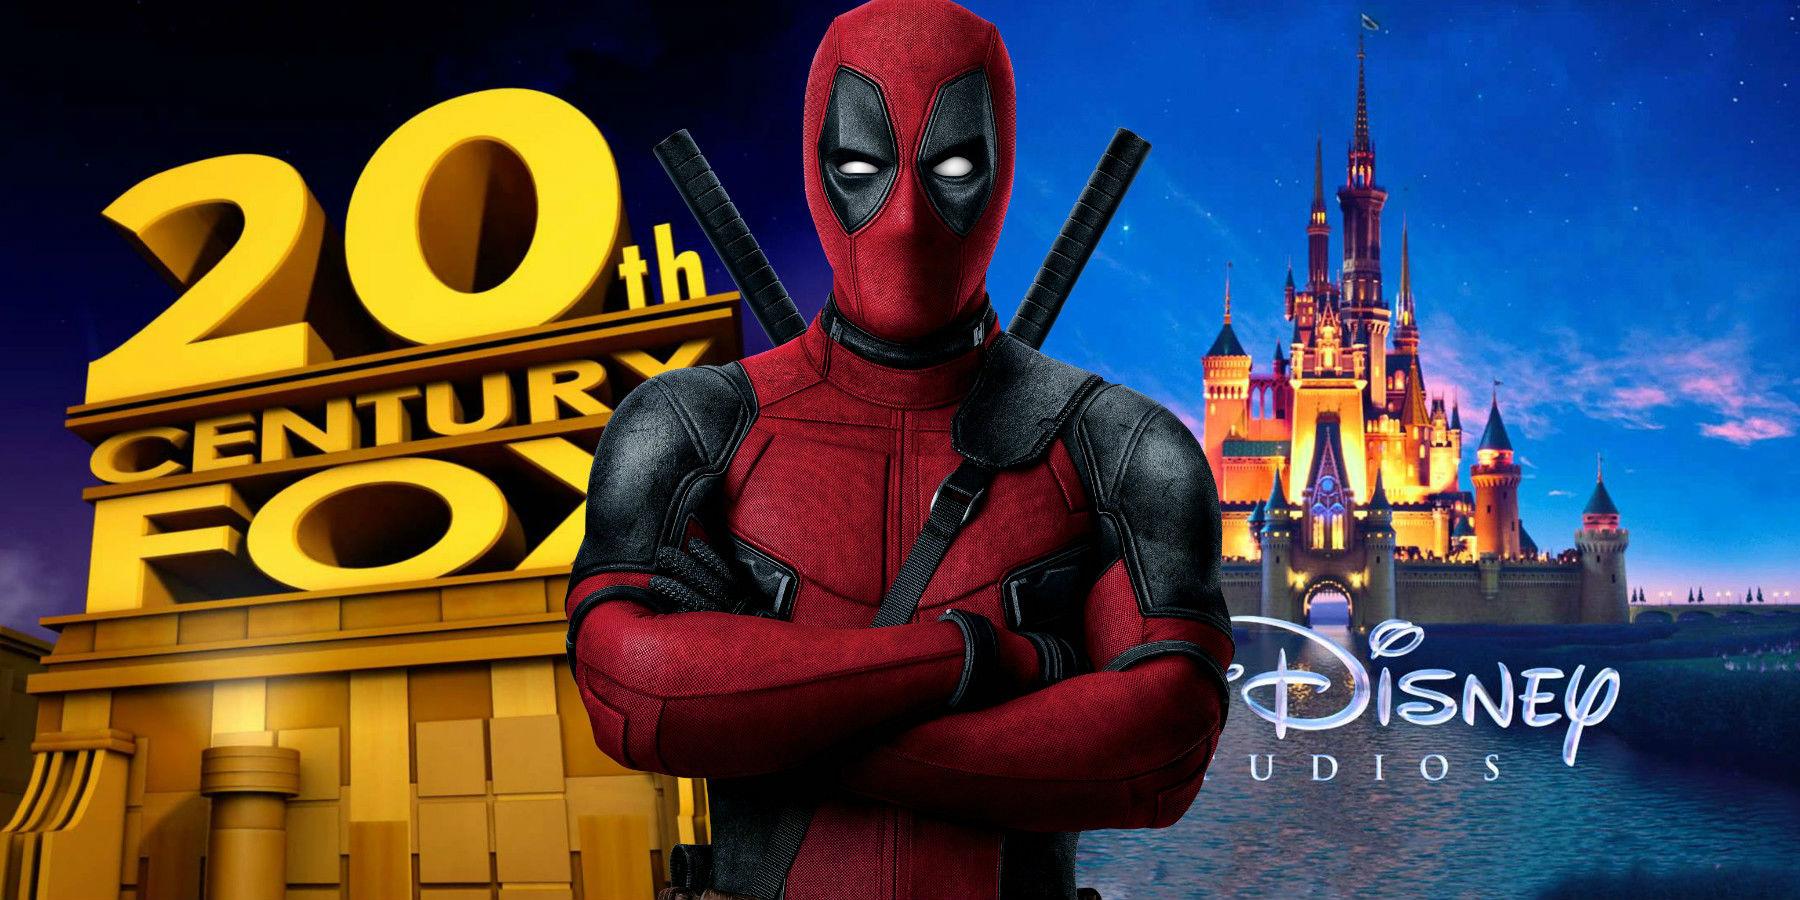 迪士尼收购20世纪福克斯后 多达4000名员工恐被裁员